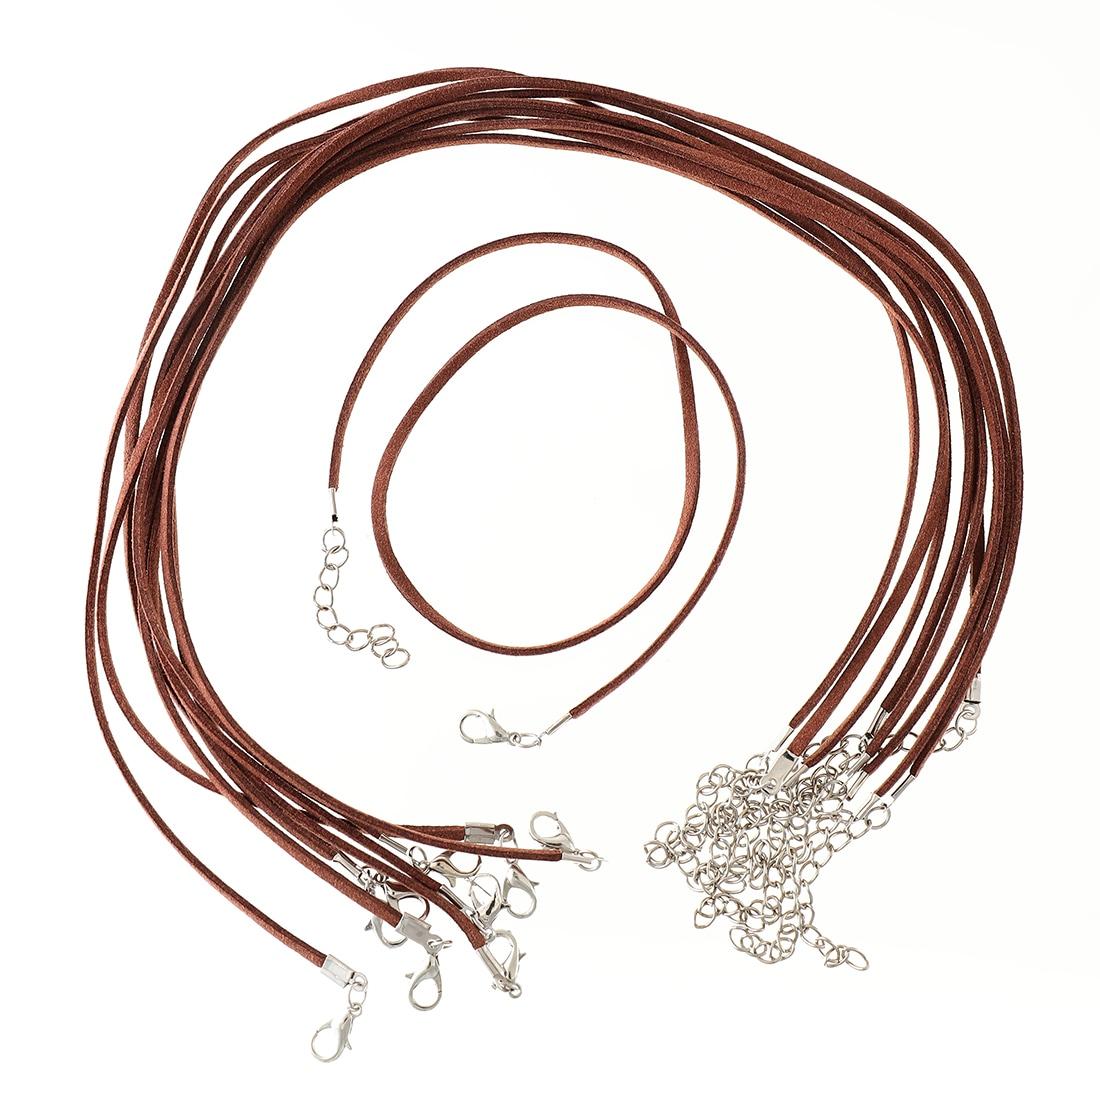 ネックレス紐 10本 合皮スエード ブラウン(ココアパウダーの様な色味) 45cm〜50cm 調整可能 ネックレスパーツ アクセサリーパーツ AP1663